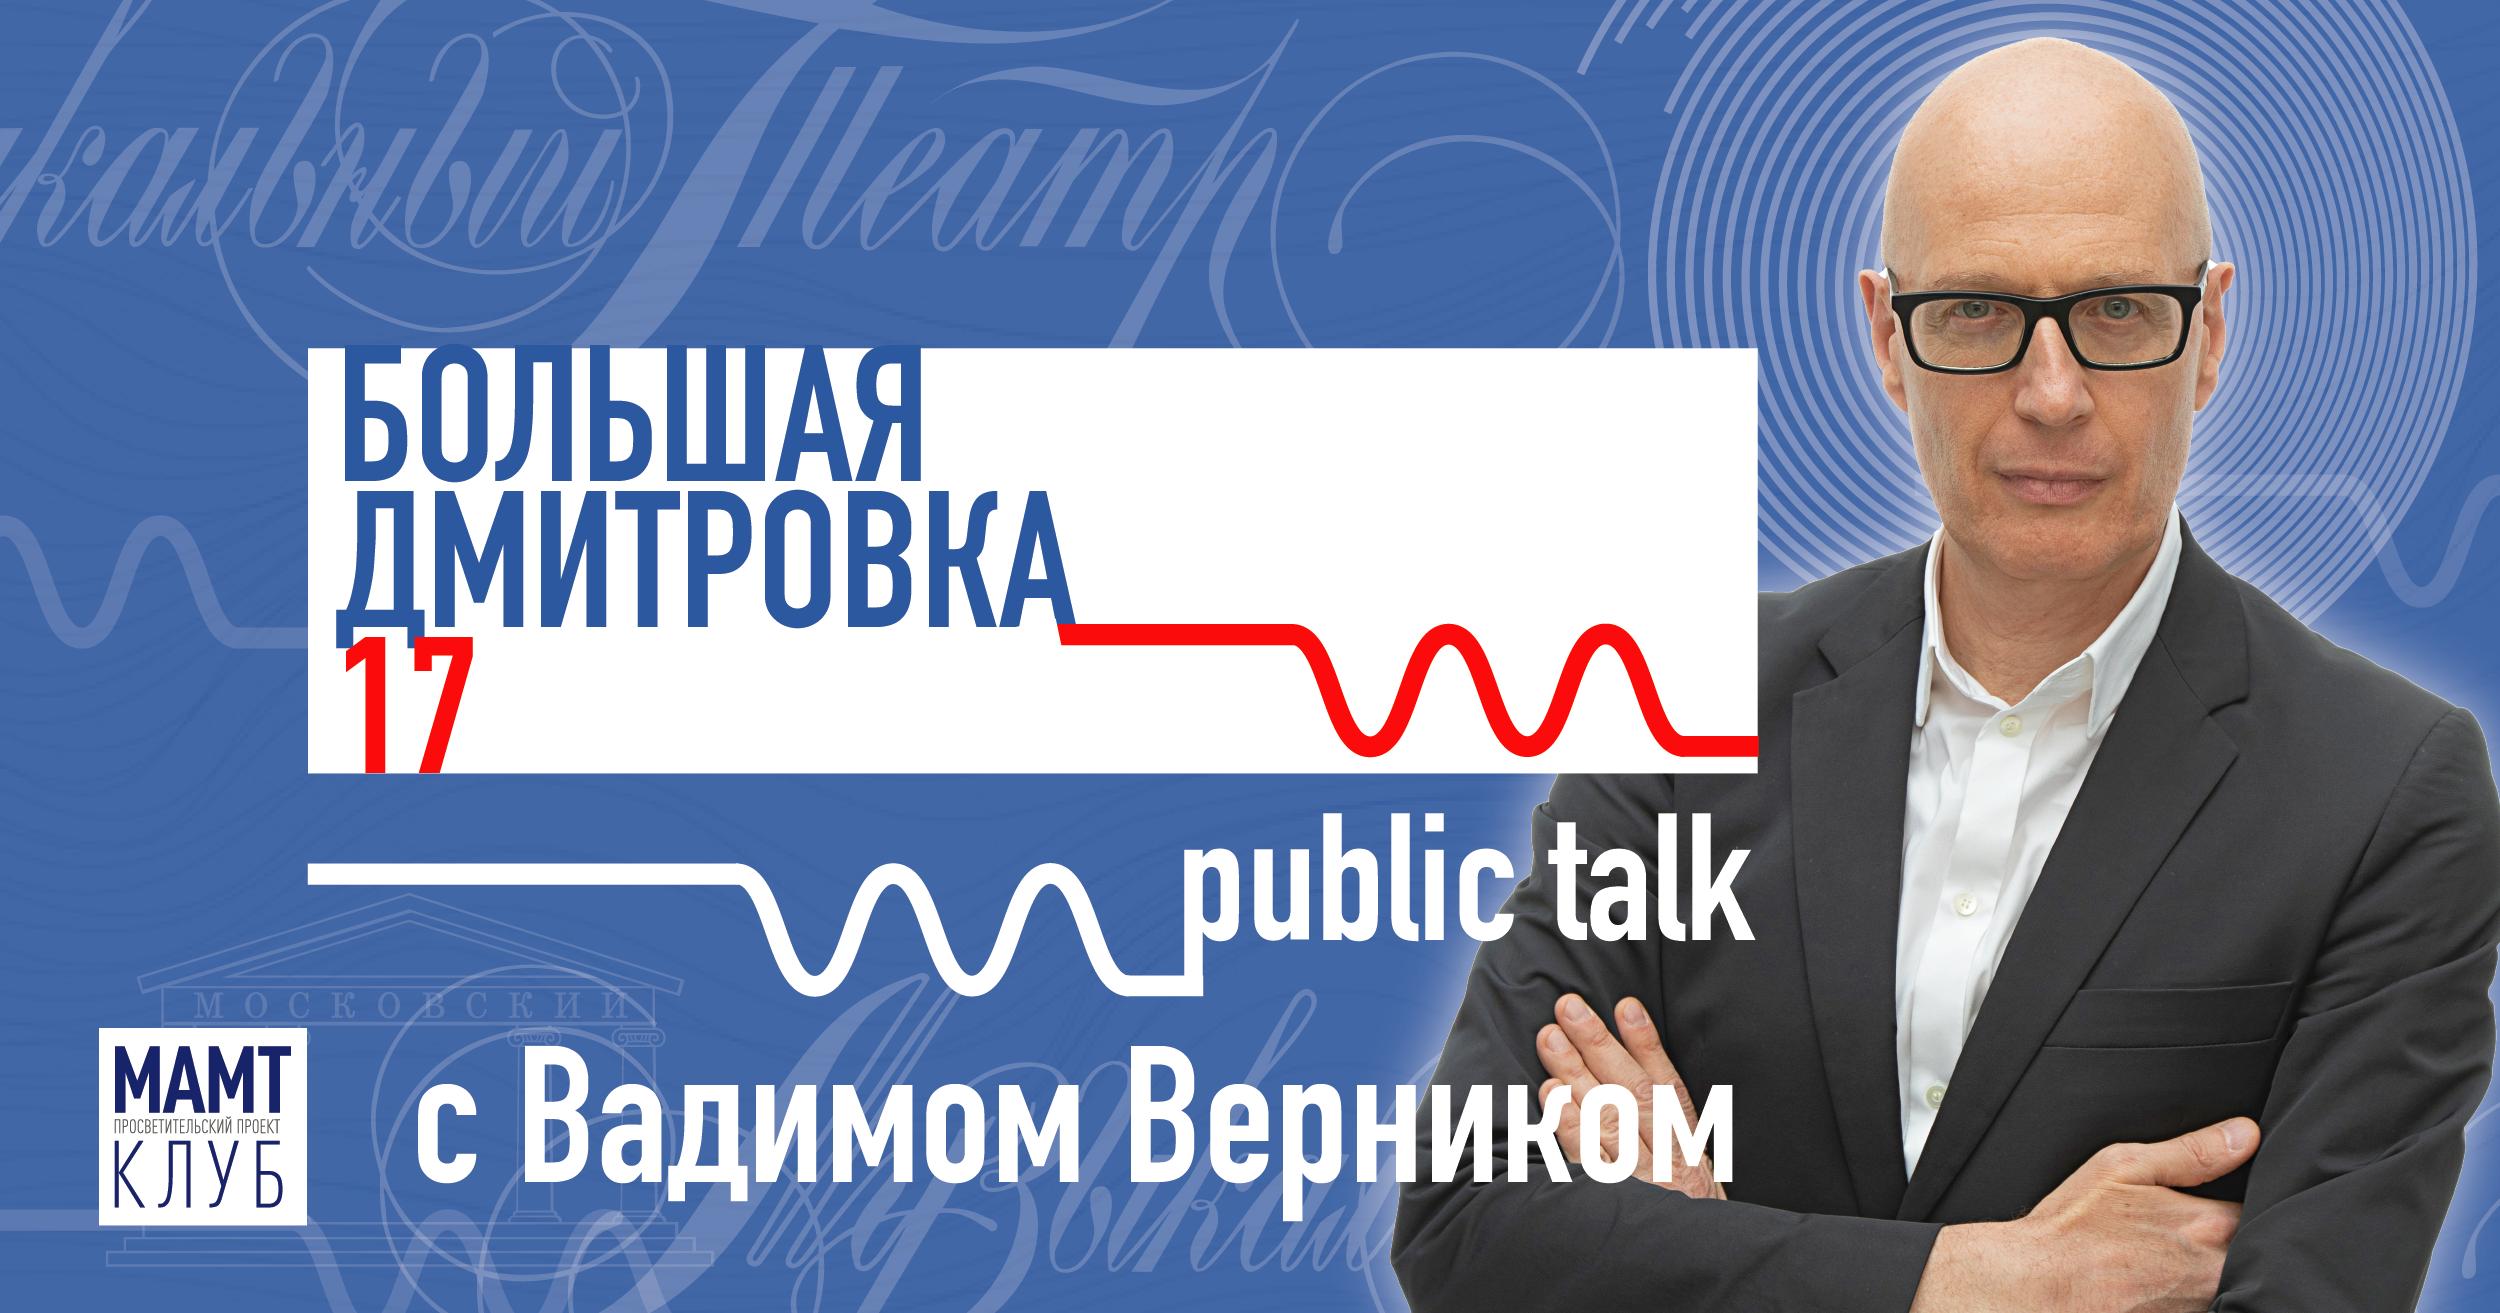 «Большая Дмитровка, 17» – новый проект Вадима Верника в МАМТ